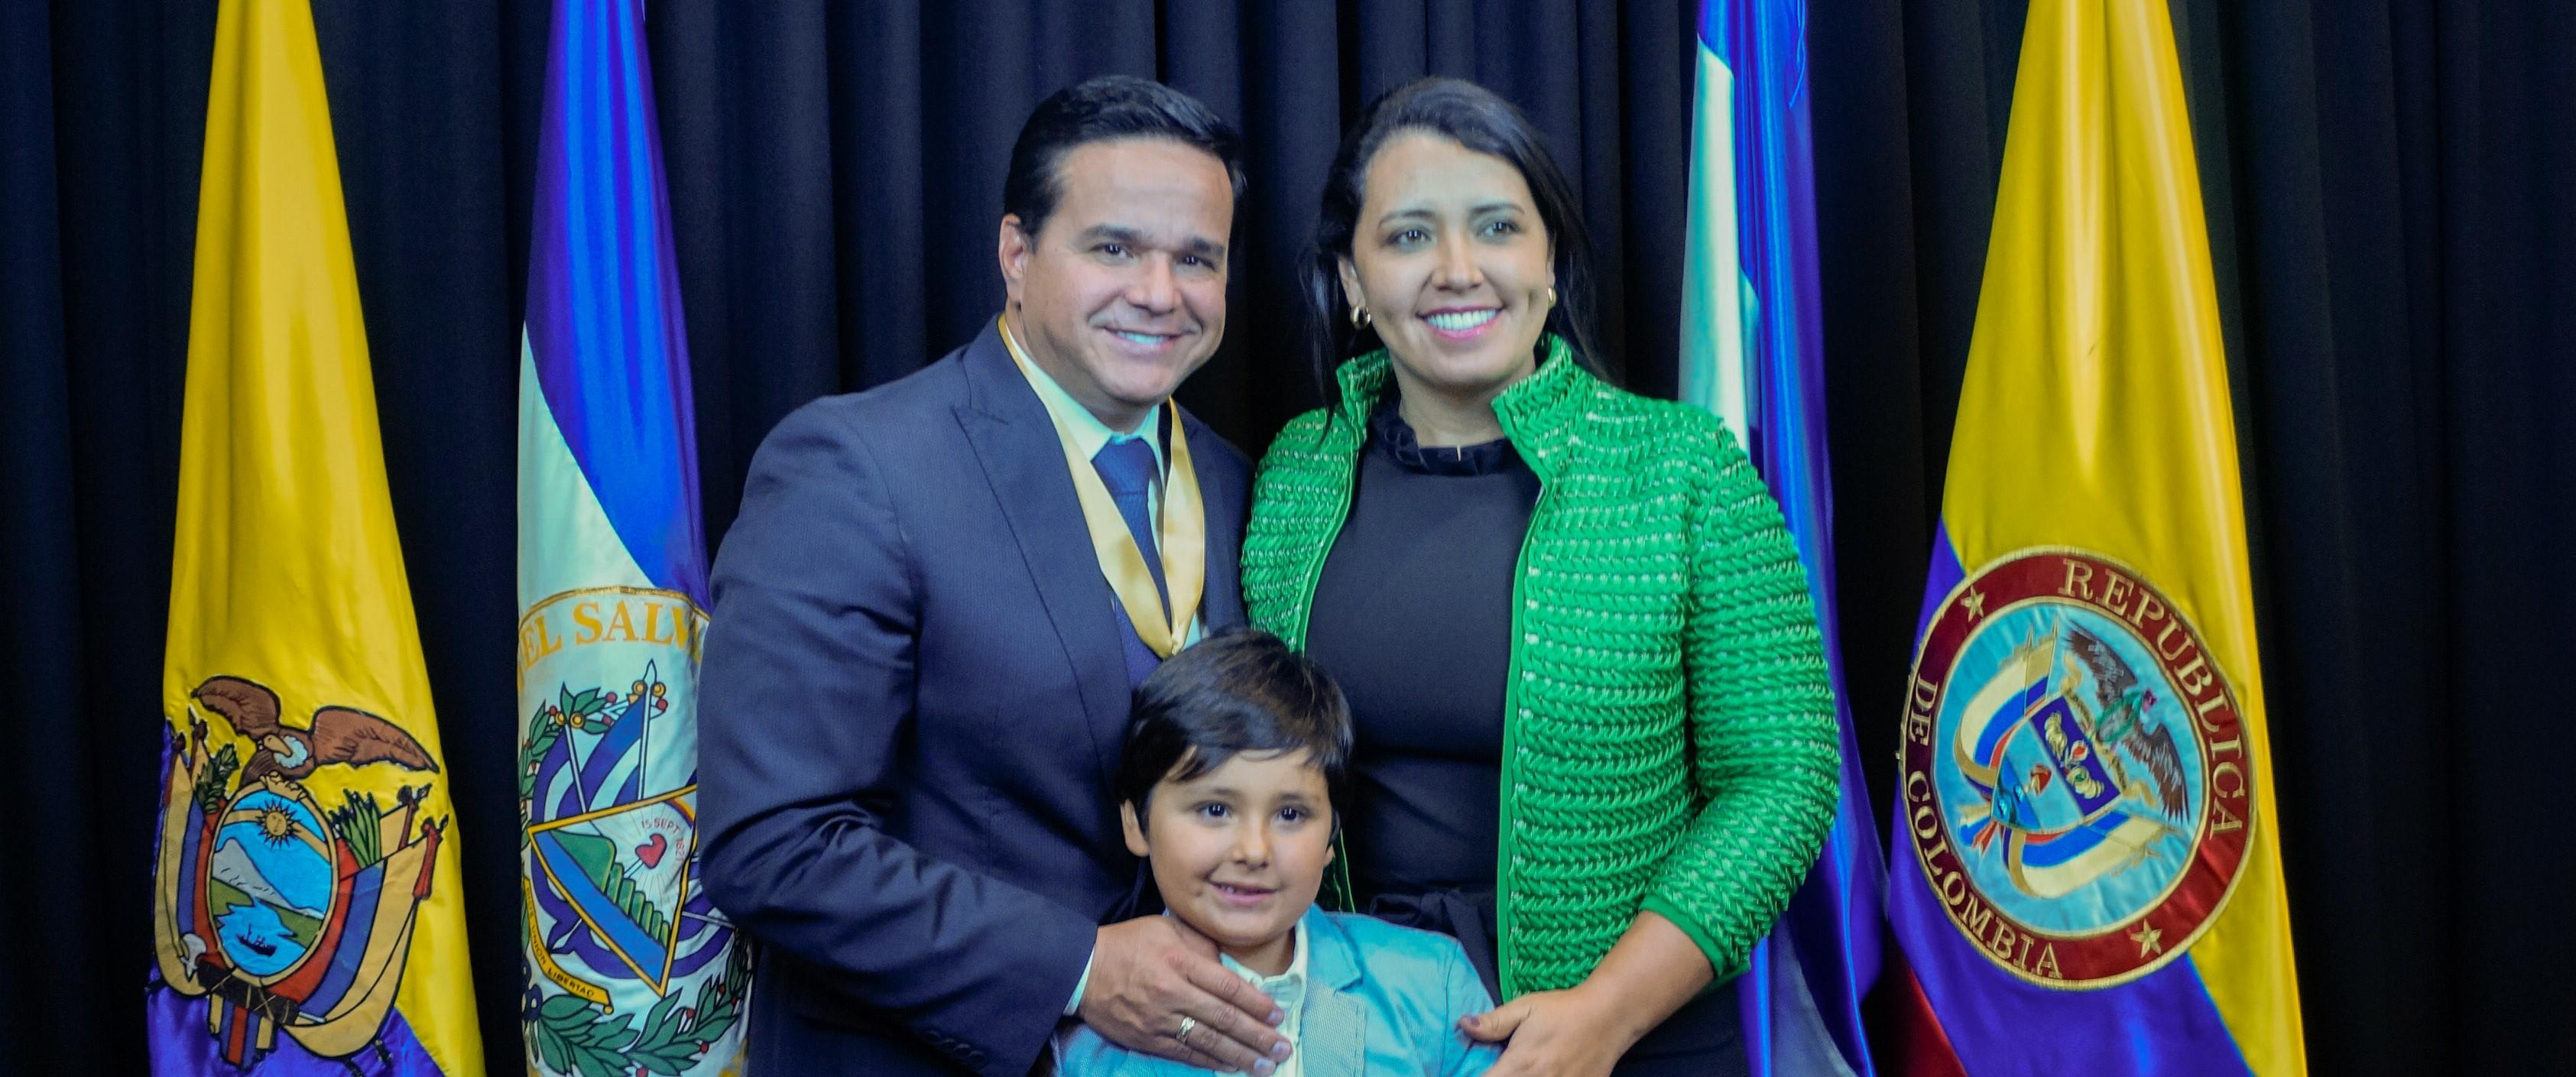 Ariel Fernando Rojas Rodríguez, Alcalde de San Gil (Colombia) 2018.